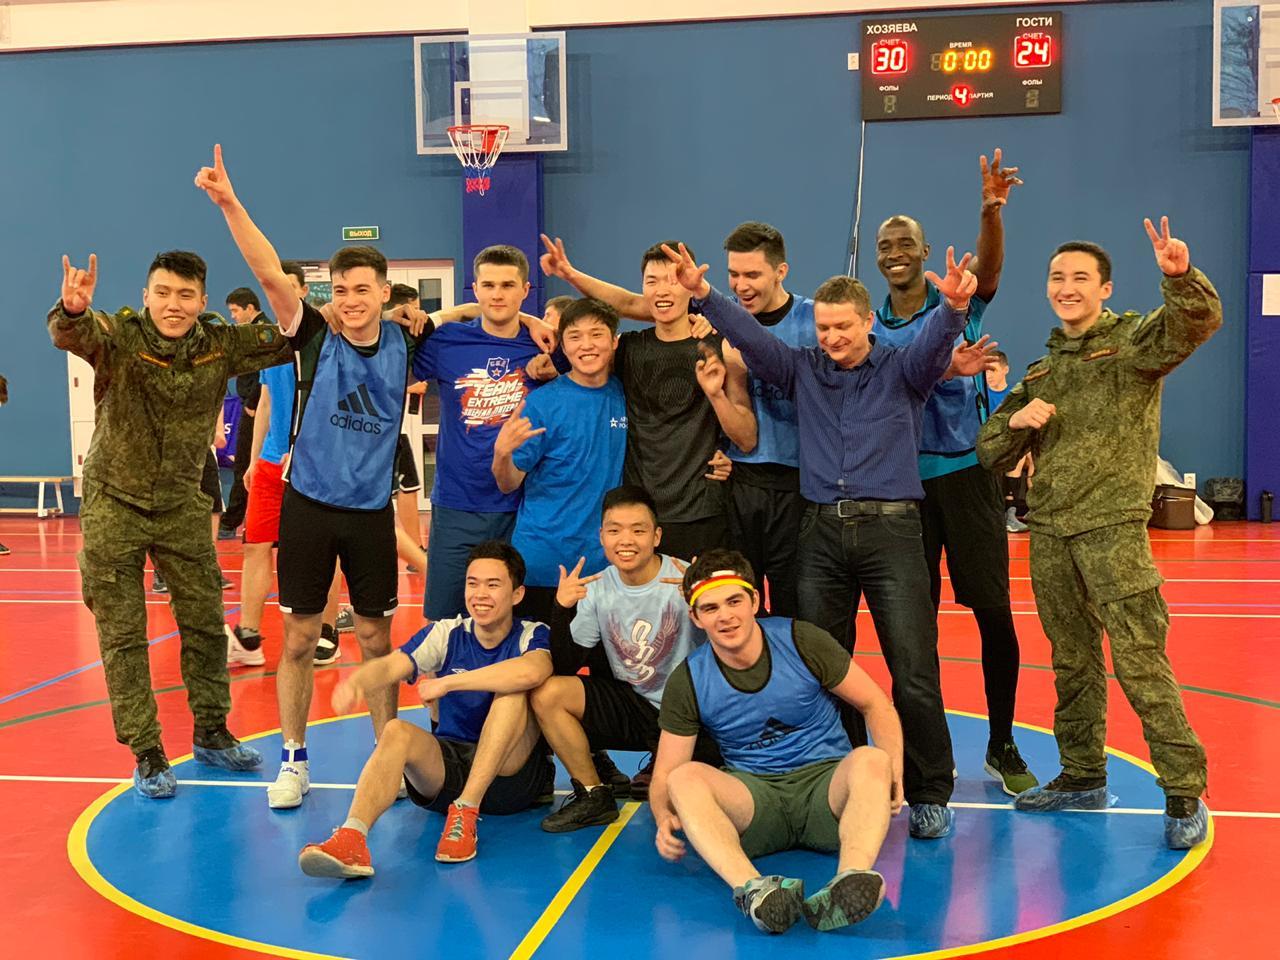 8686cdff В Военно-медицинской академии впервые за долгое время состоялось первенство  академии по баскетболу